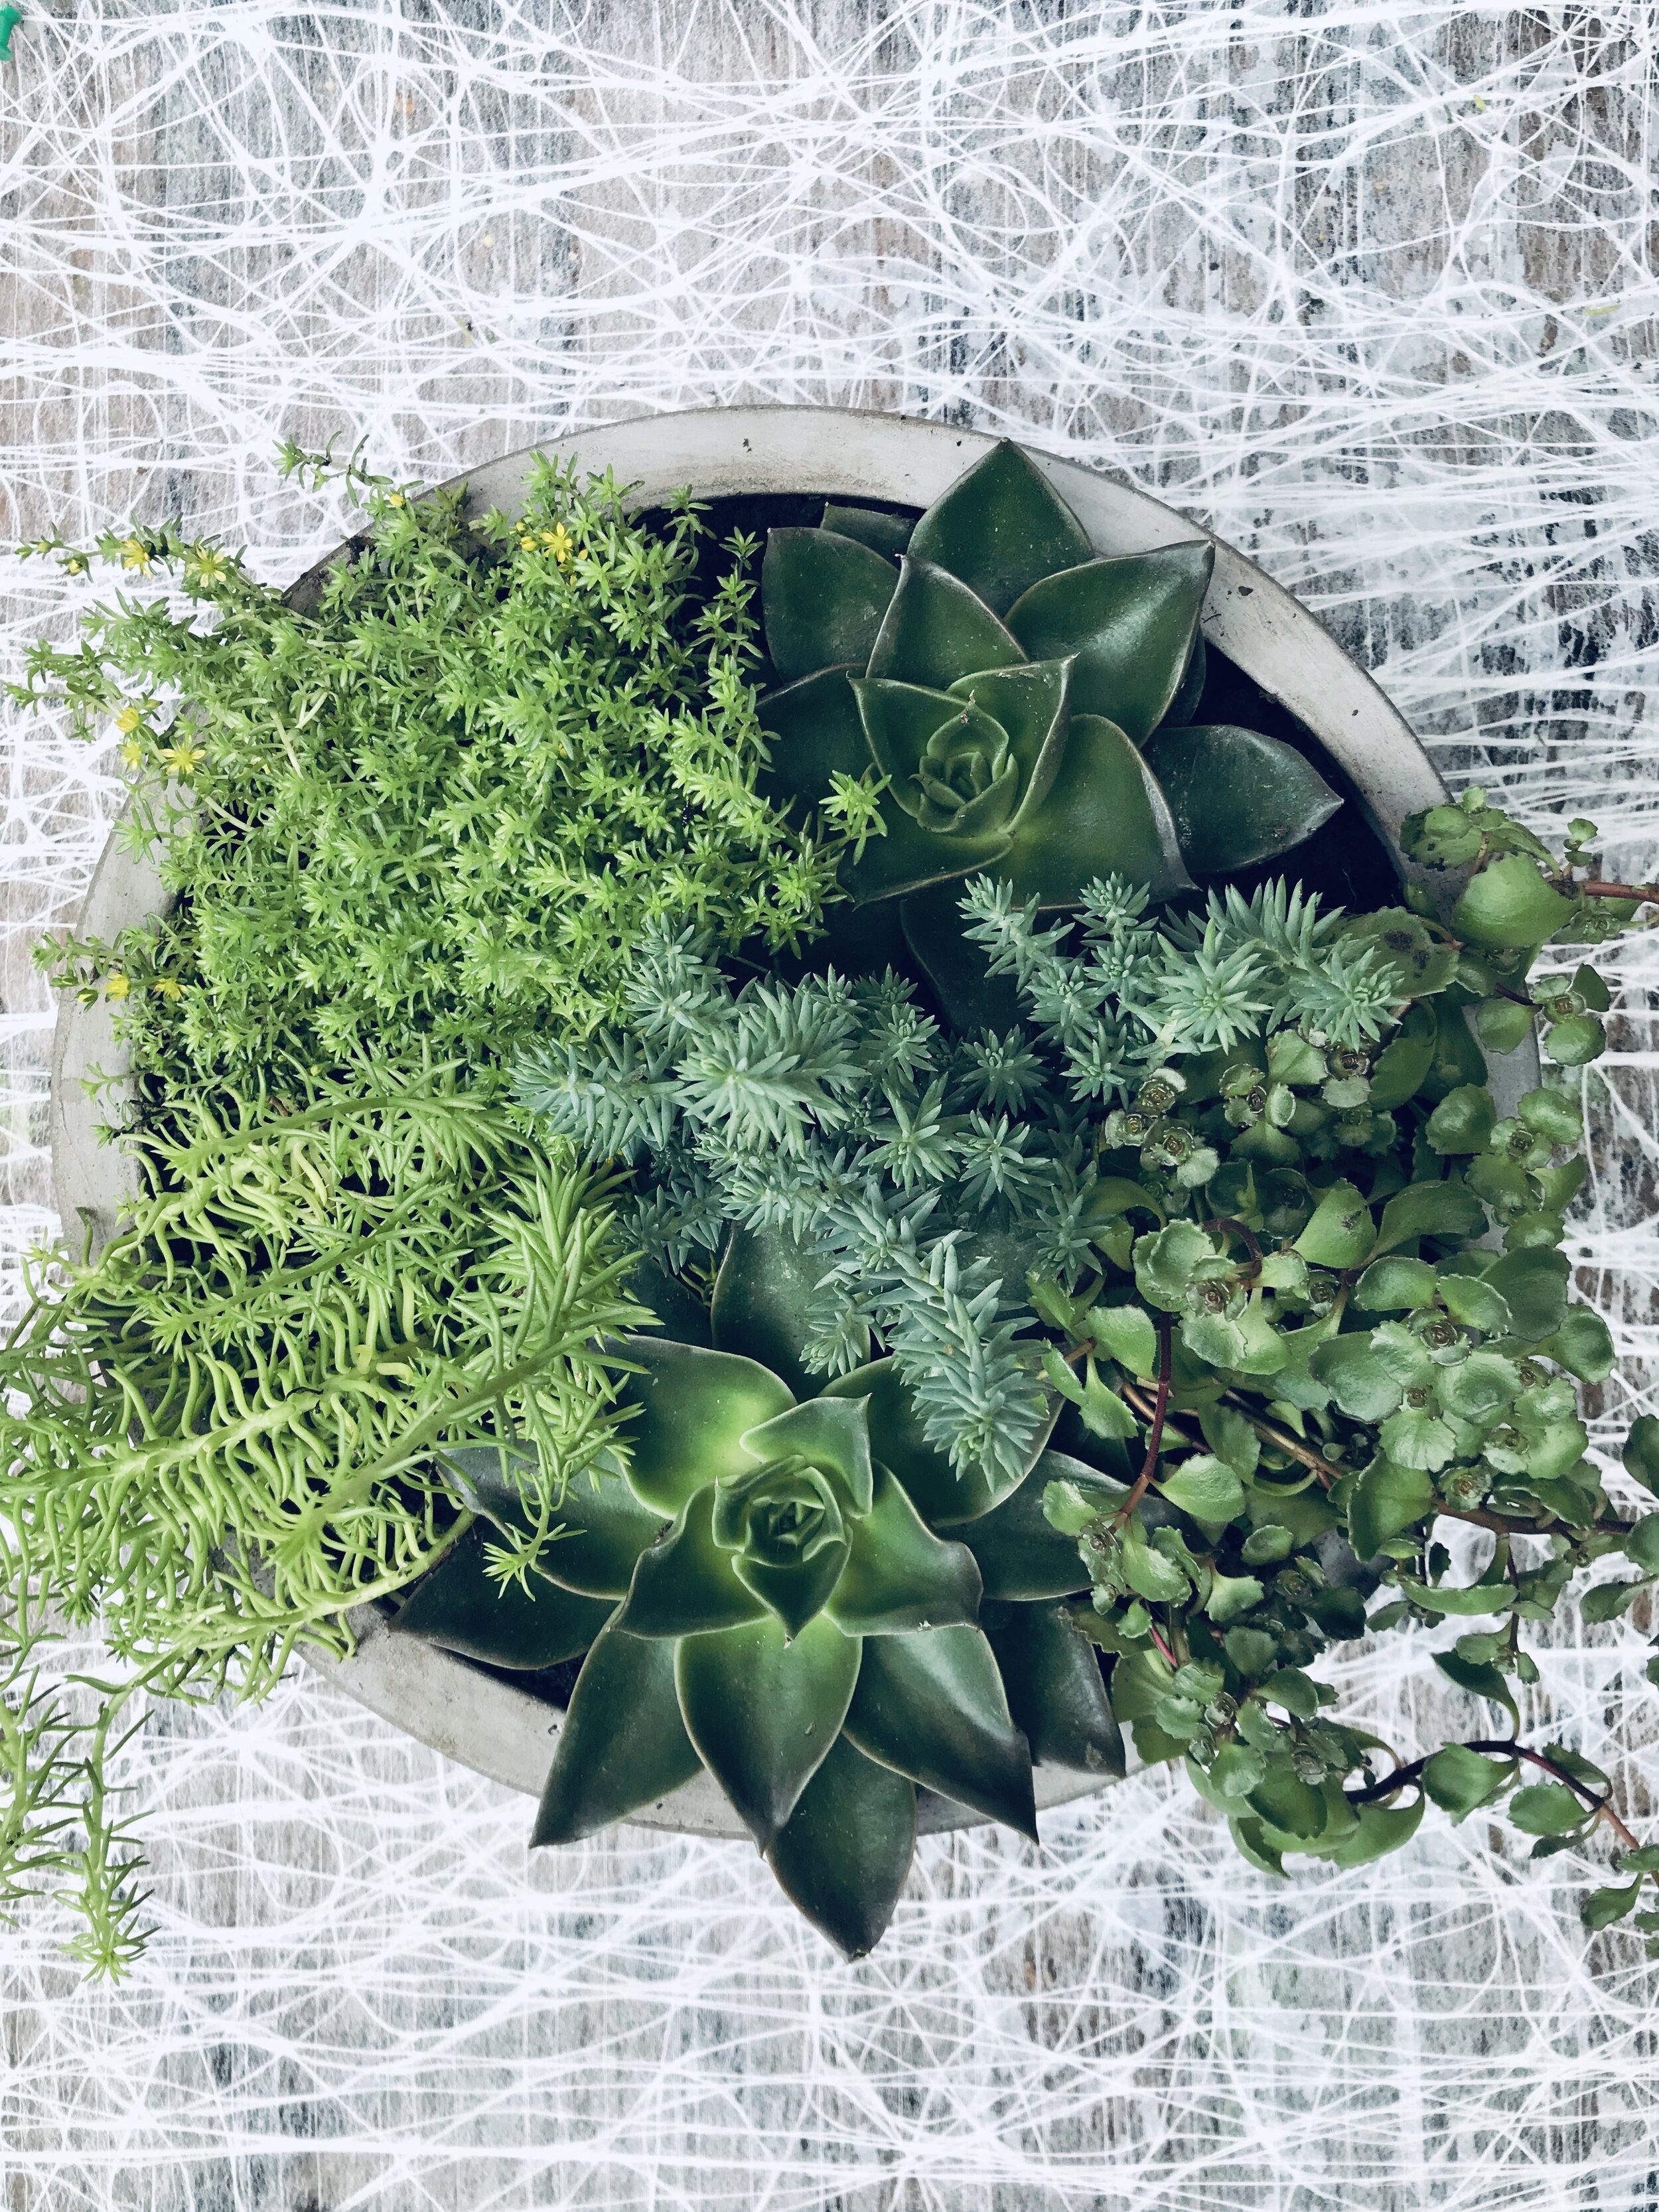 Live Plants Indoor Bowen Island